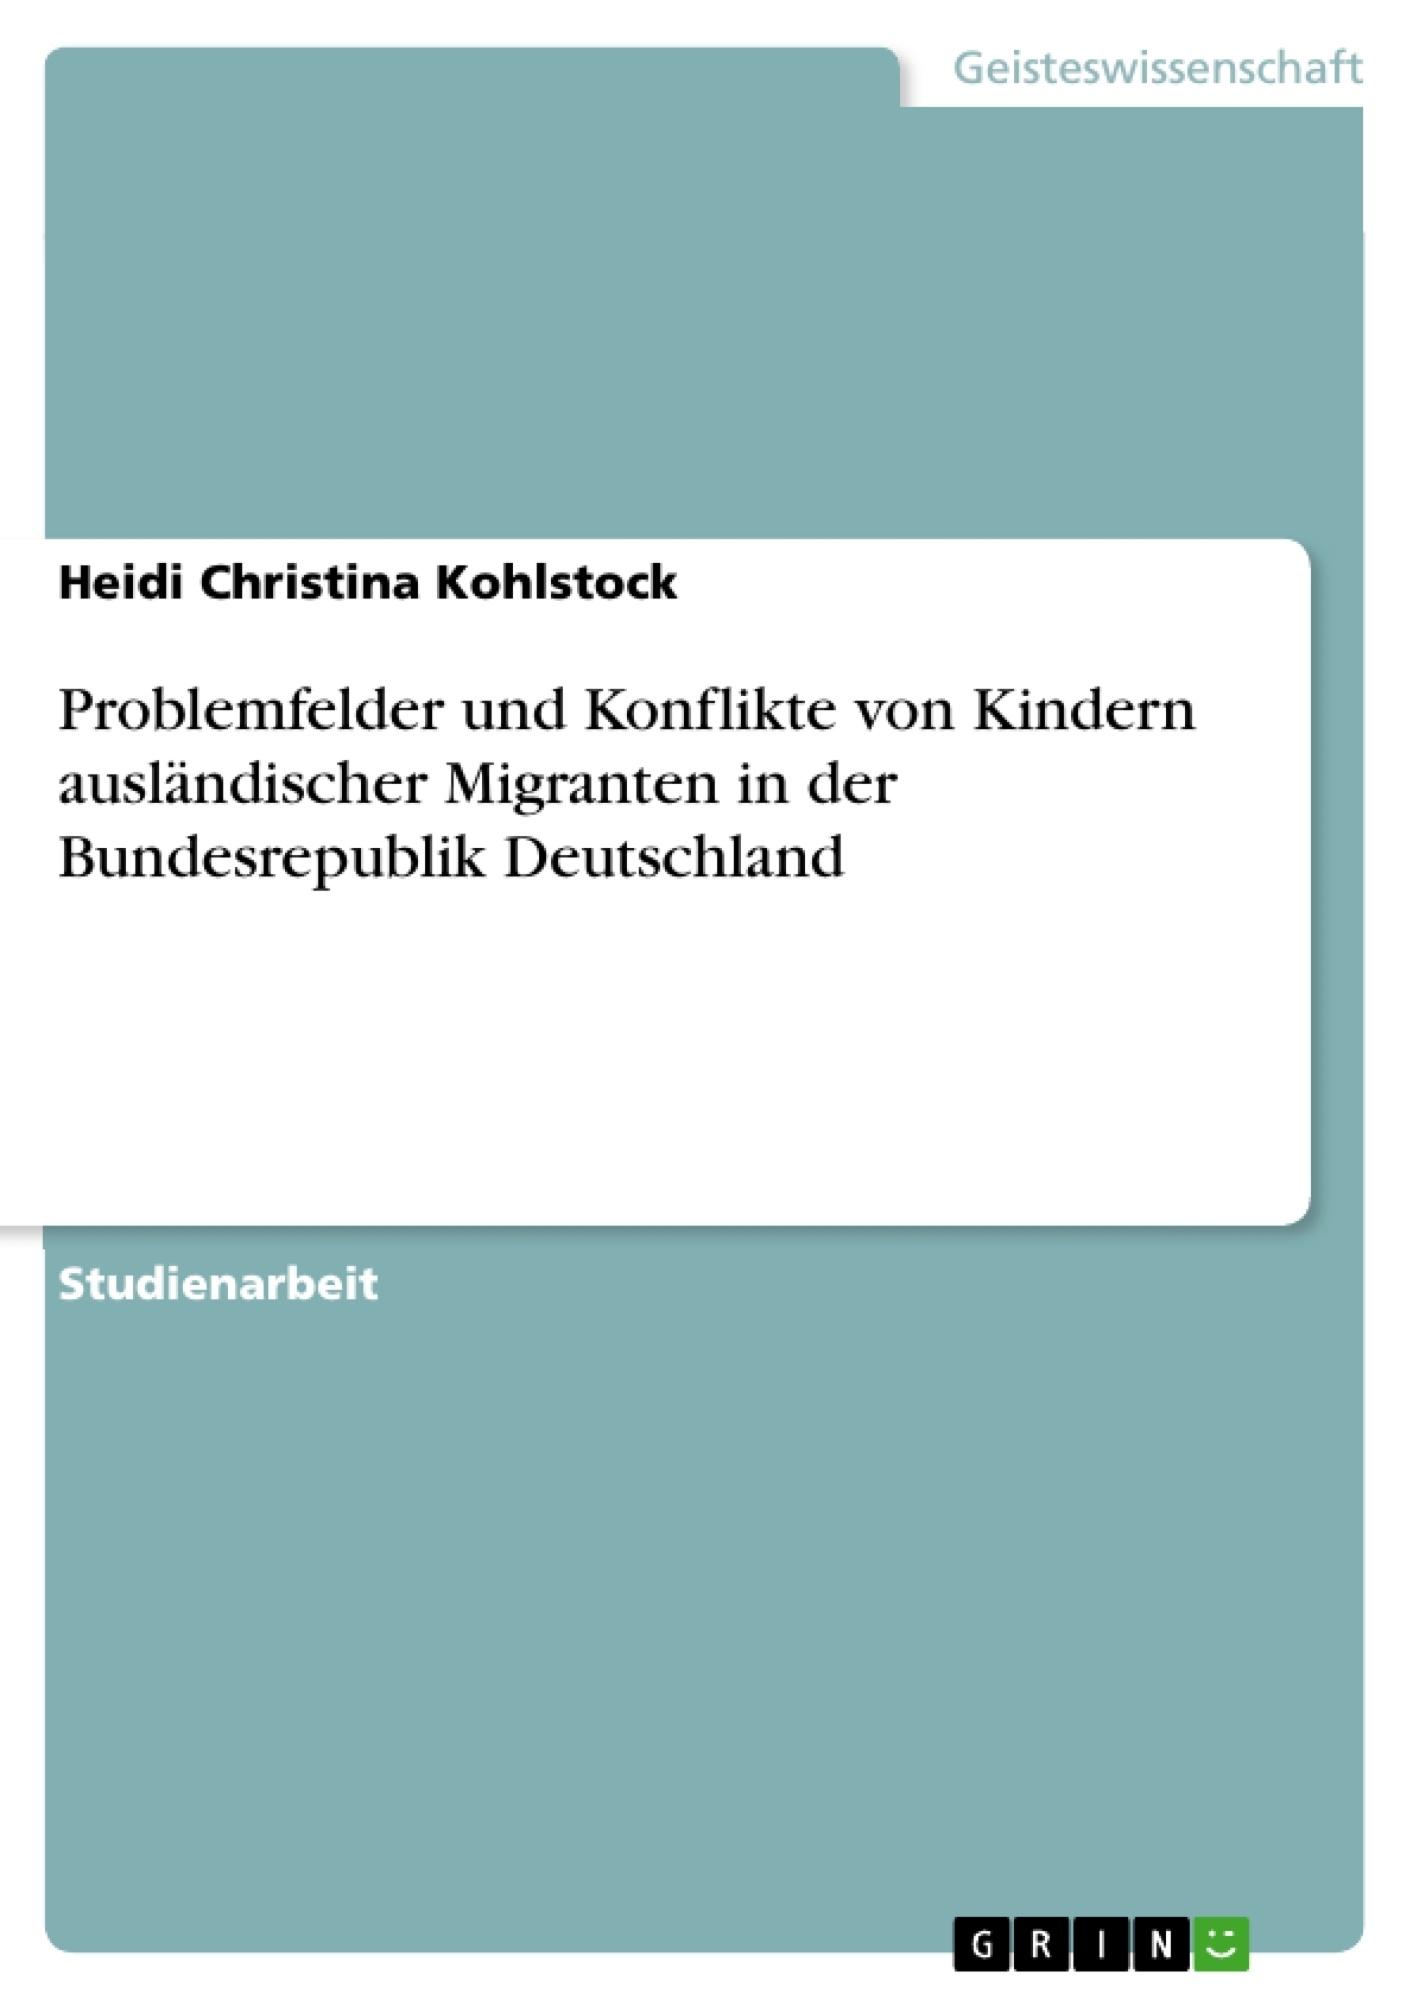 Titel: Problemfelder und Konflikte von Kindern ausländischer Migranten in der Bundesrepublik Deutschland